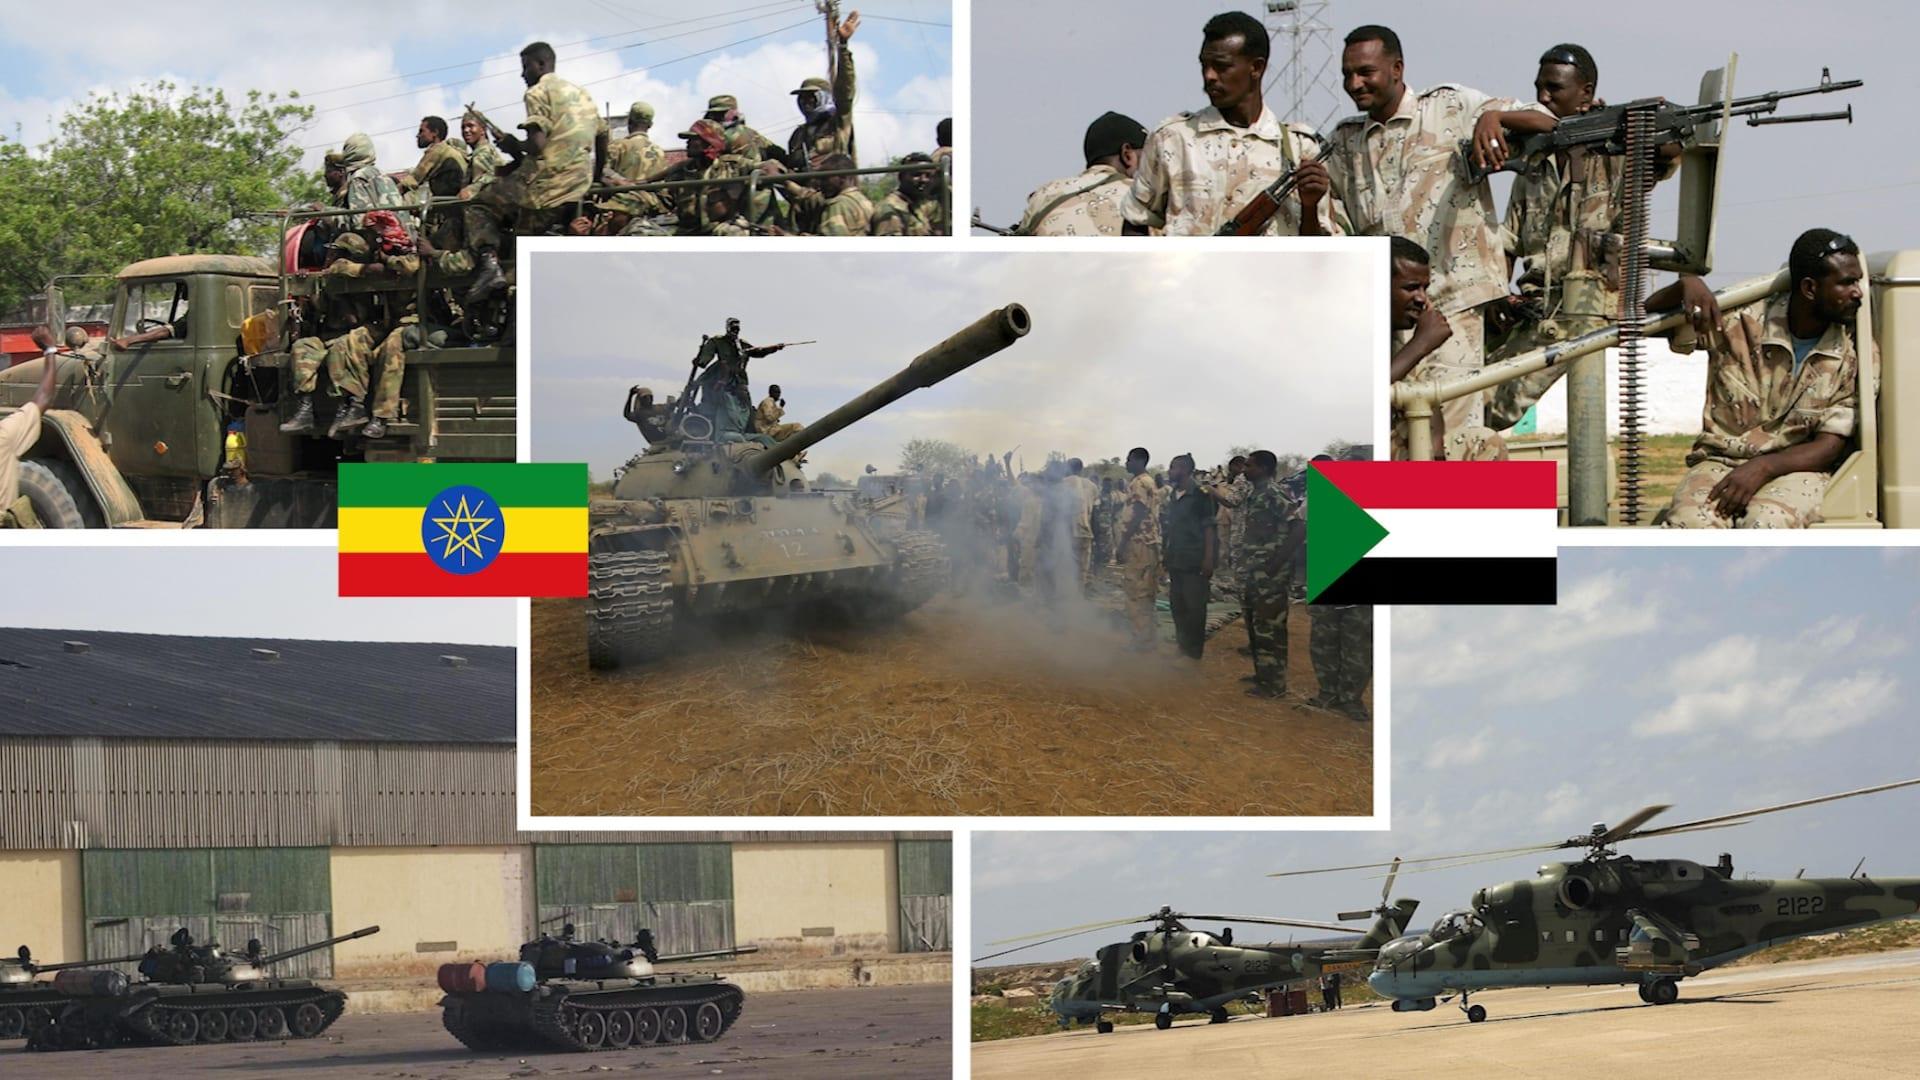 مقارنة بين الجيش السوداني ونظيره الإثيوبي وفق إحصائية 2021